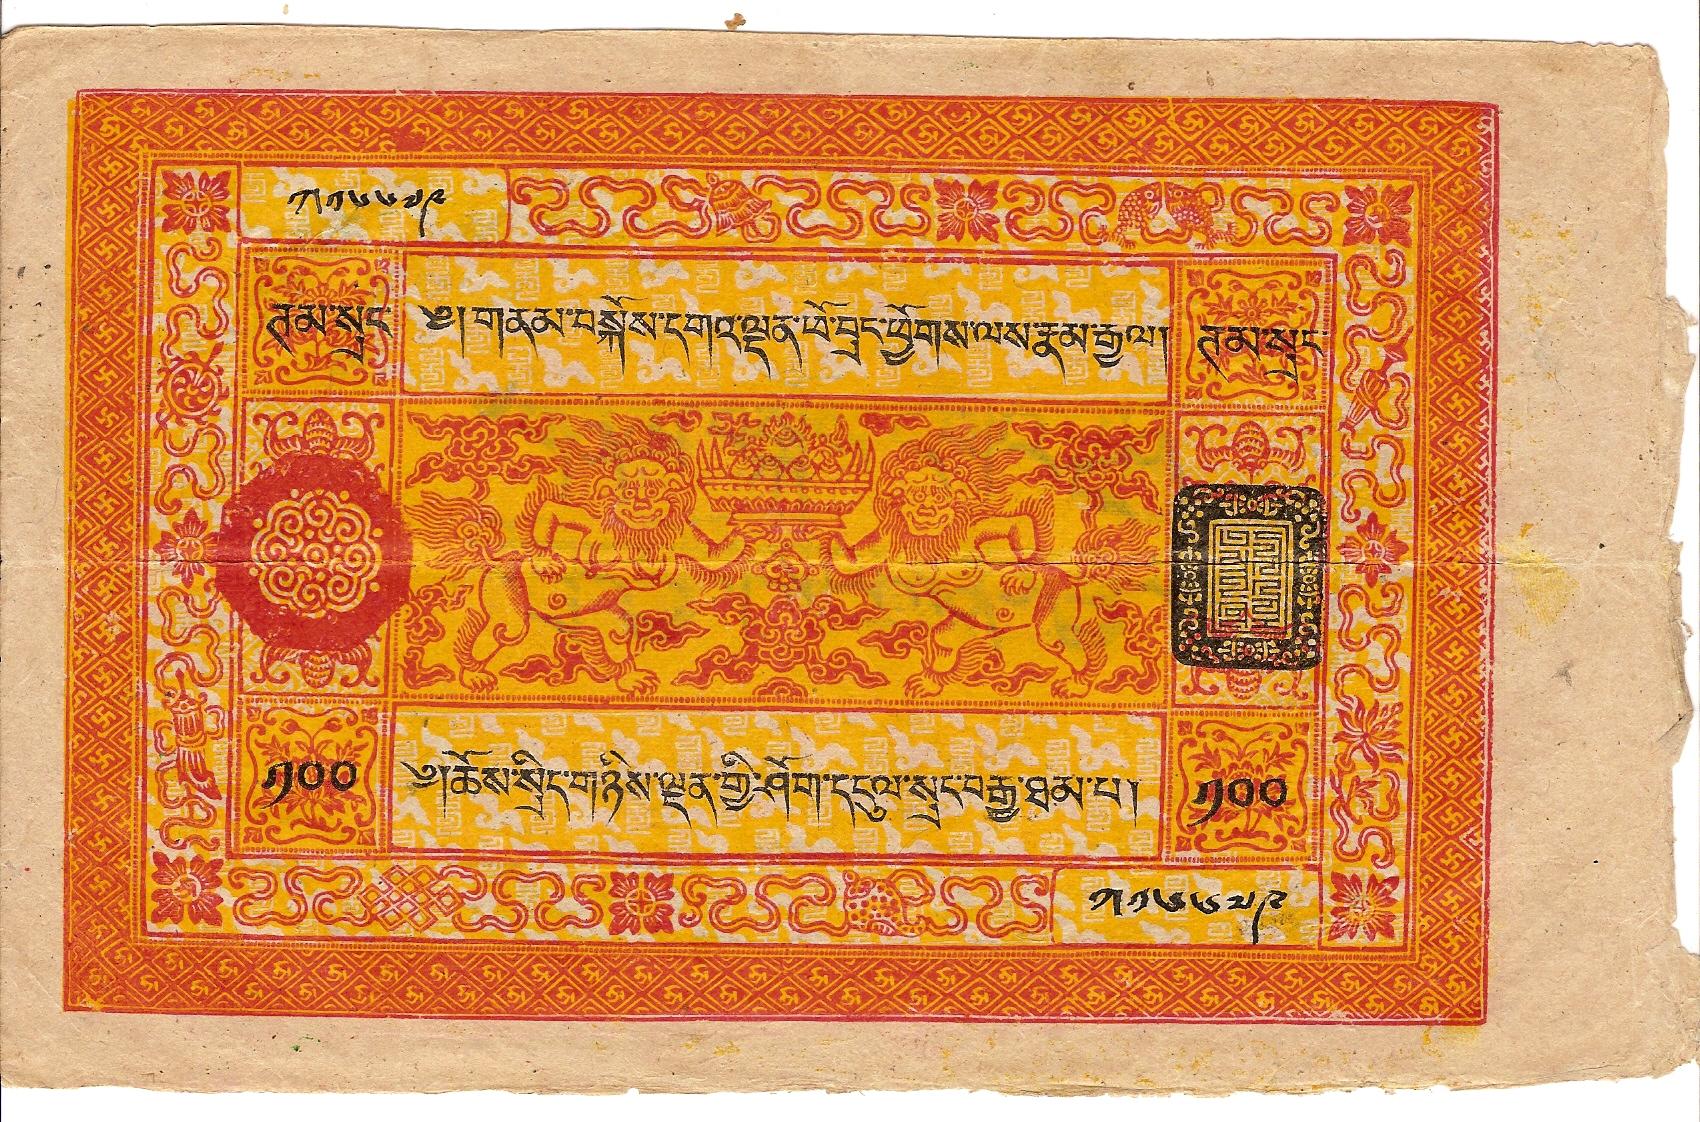 Un billet de 100 sang imprimé vers 1938 - Wikicommons